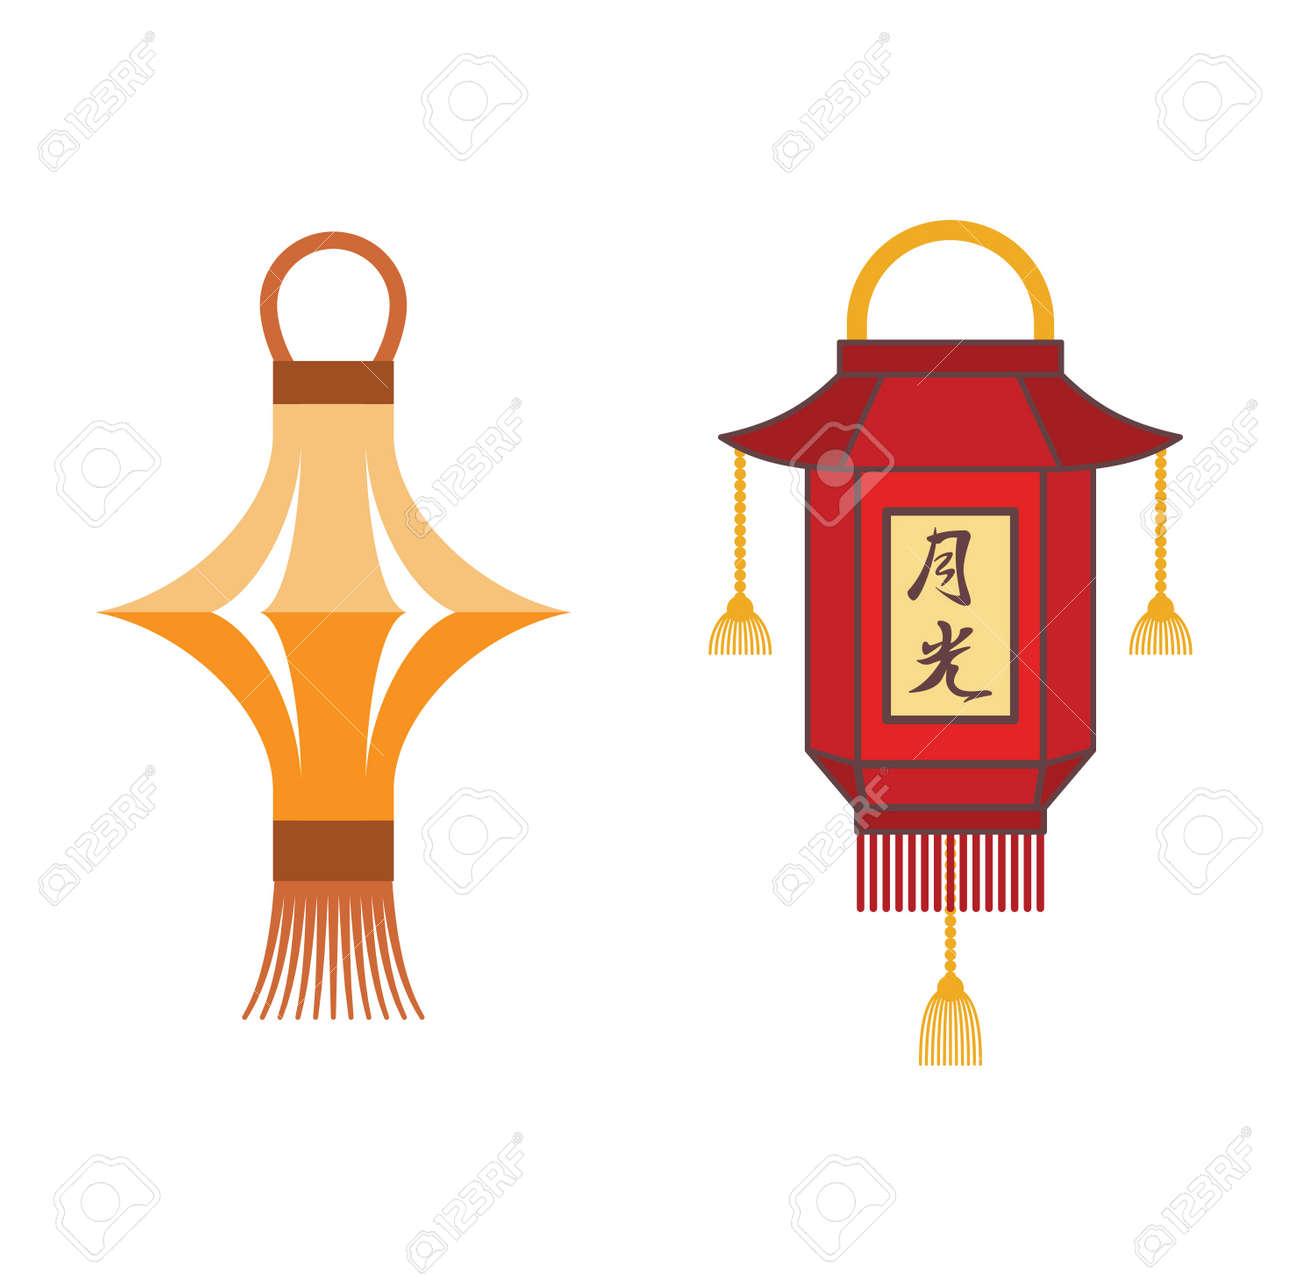 Vecteur Lanterne Chinoise Isole Papier Vacances Celebrer Graphique